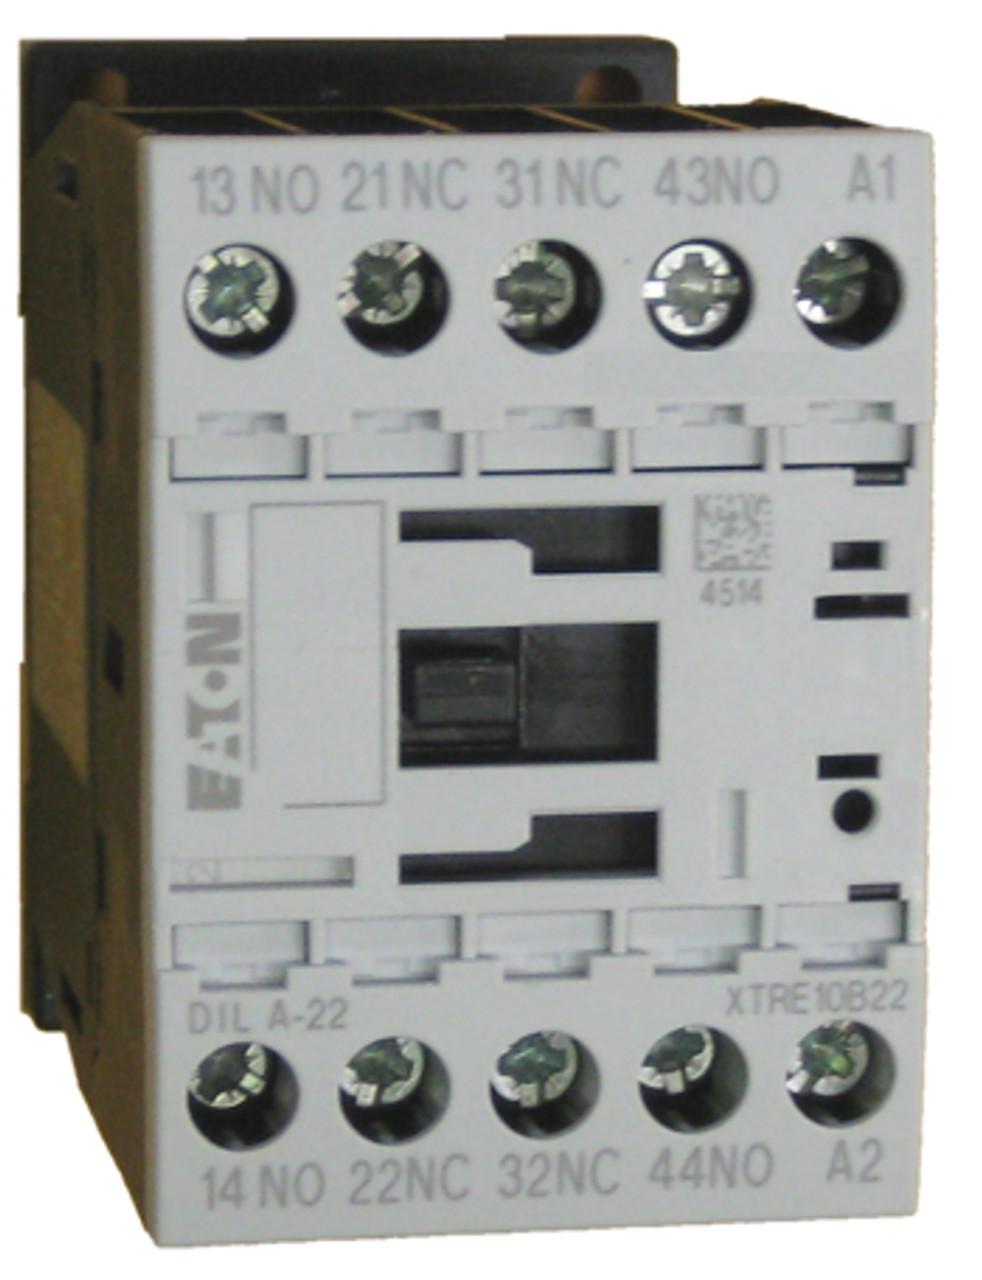 Eaton/Moeller DILA-22 120 volt control relay